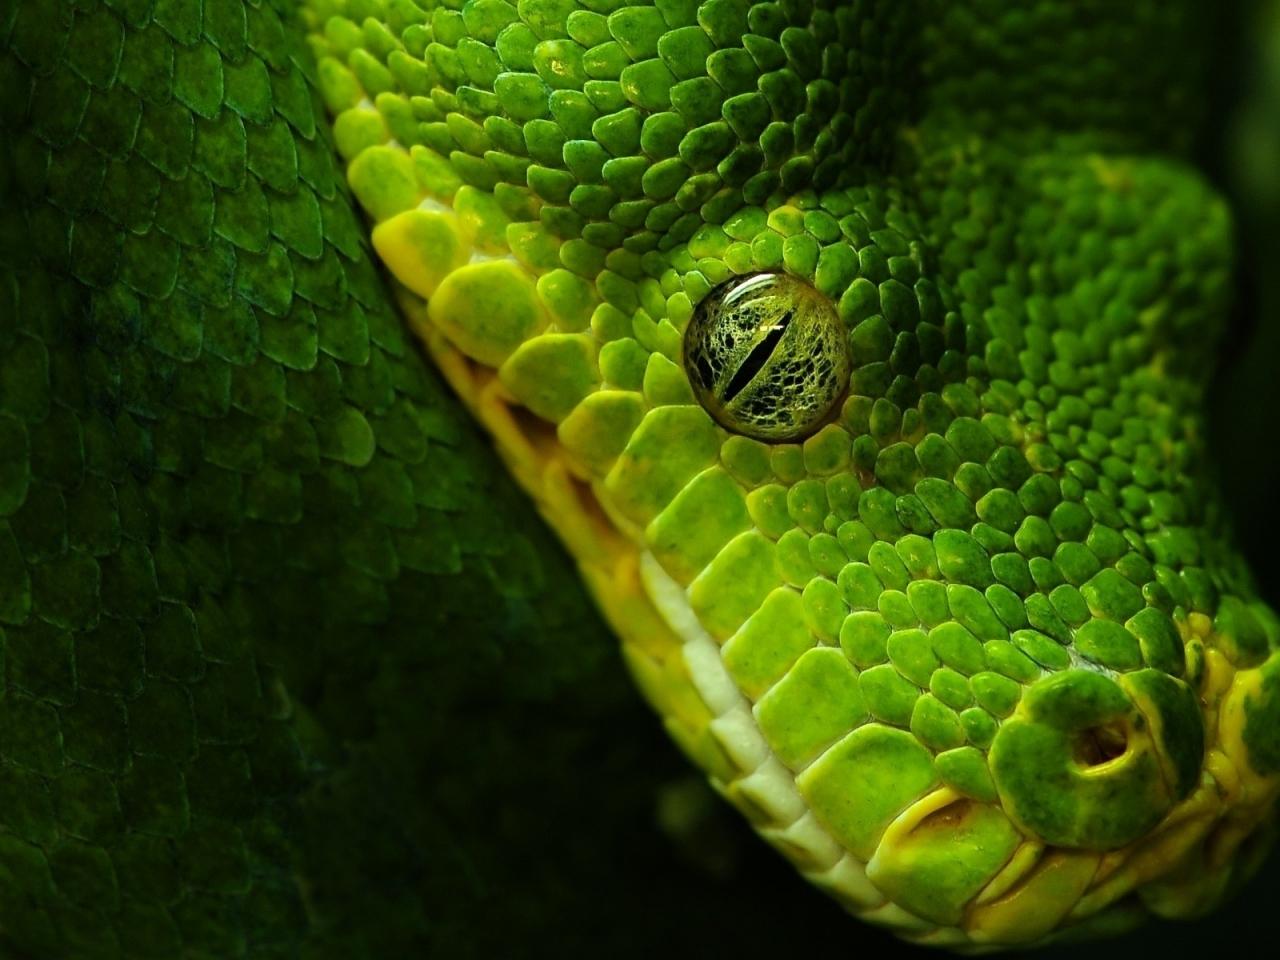 Cabeza de serpiente verde - 1280x960